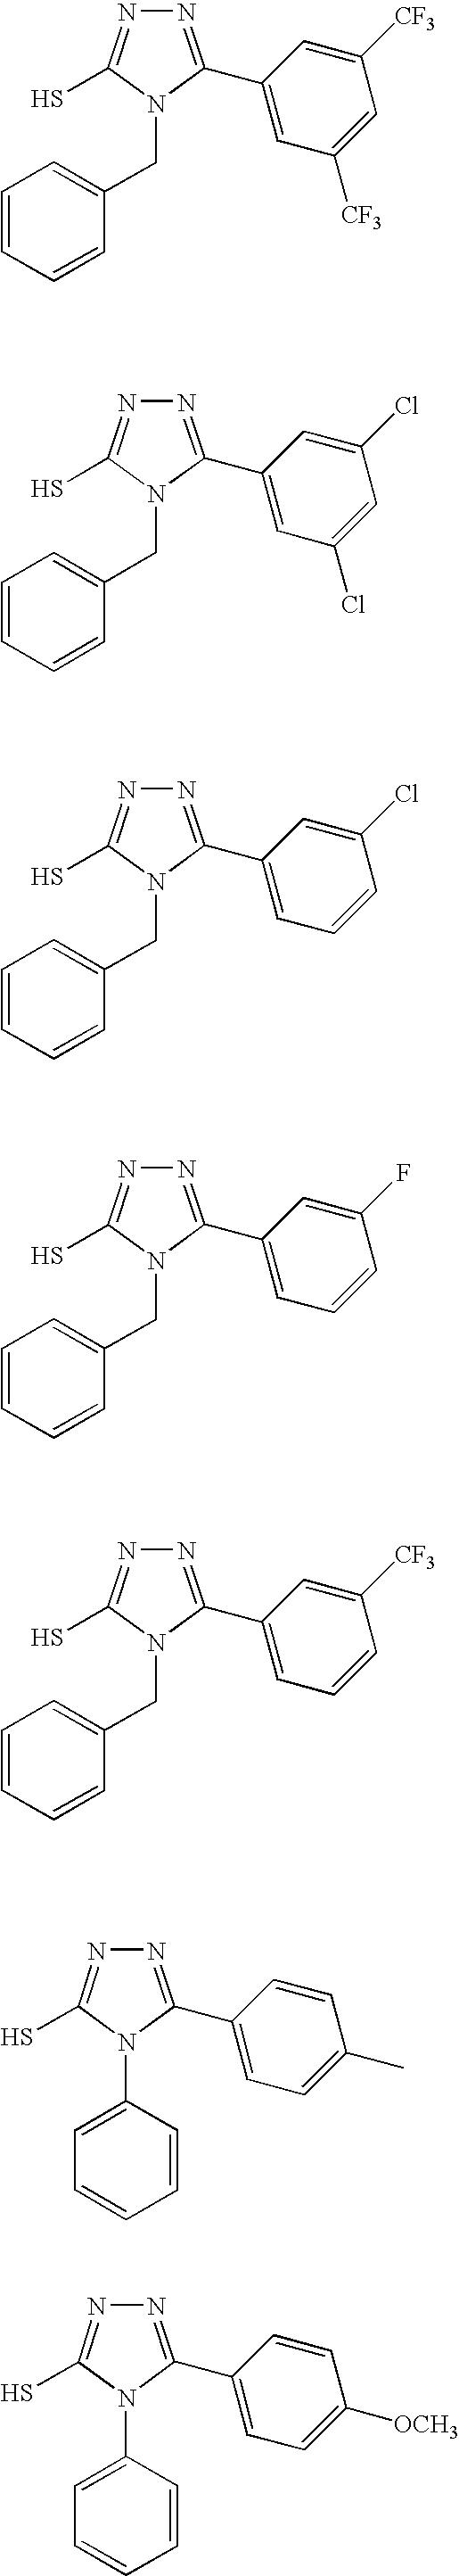 Figure US20070212641A1-20070913-C00177